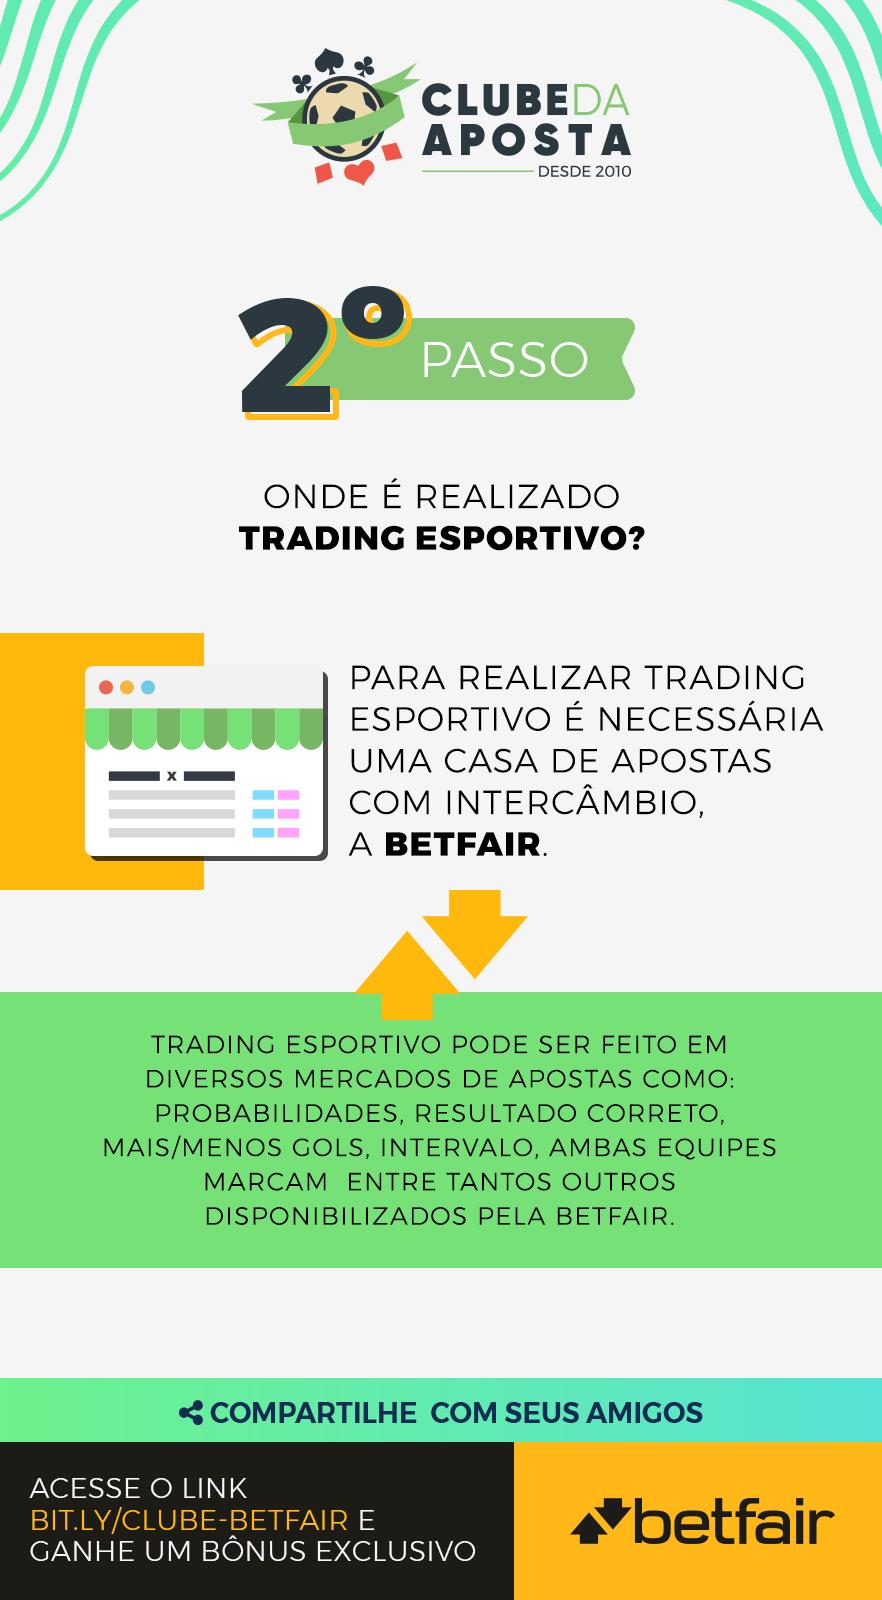 02-o-que-e-trading-esportivo